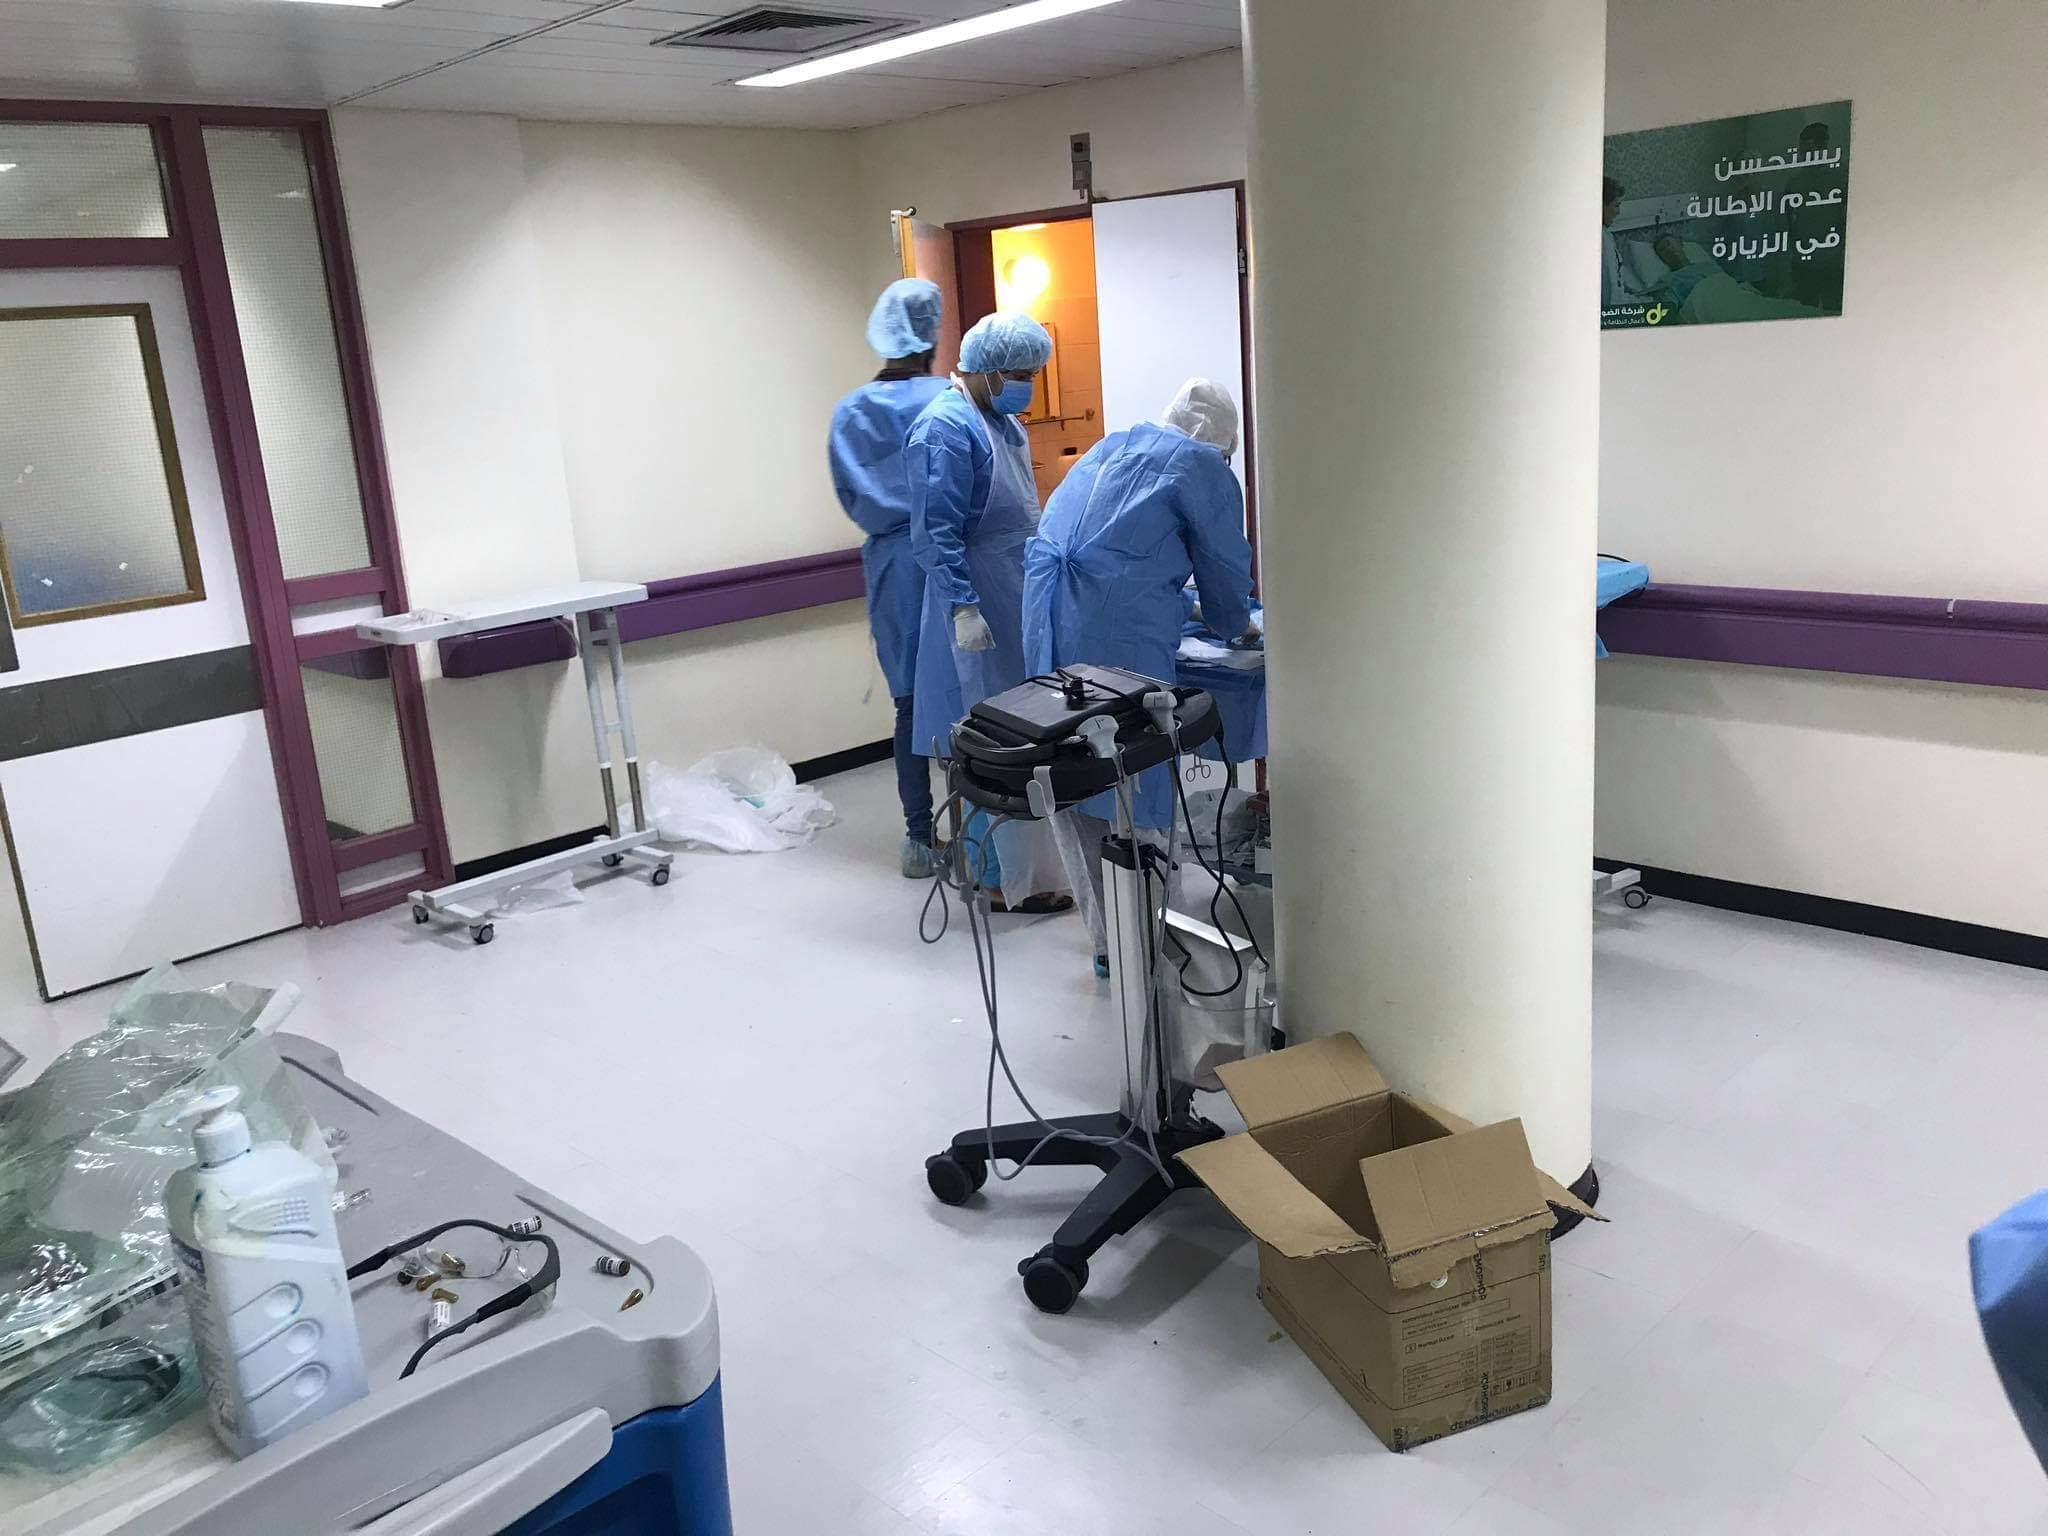 مركز بنغازي الطبي يعلن نجاحه في إجراء عملية قيصرية مستعجلة